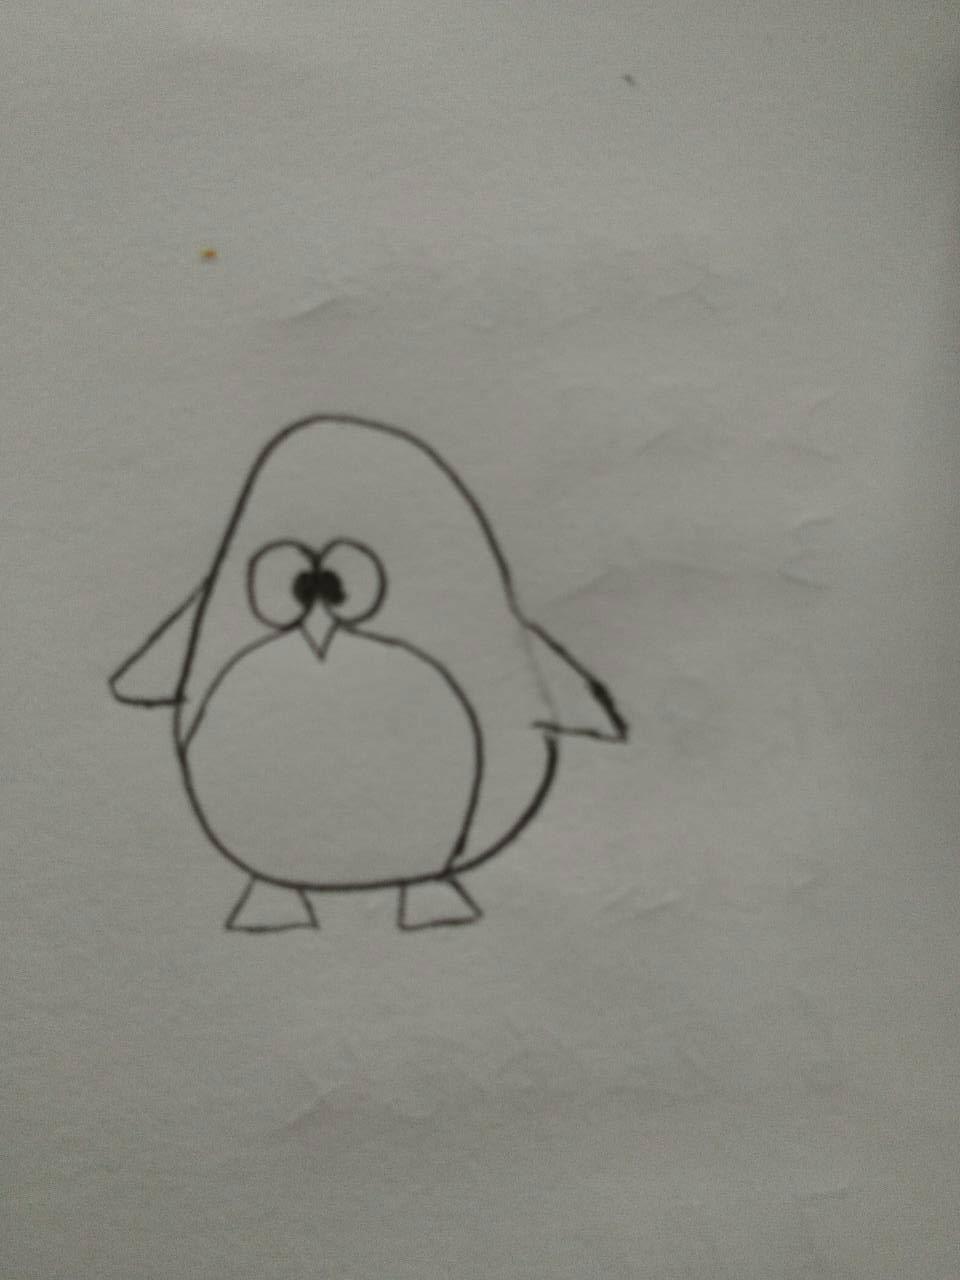 铅笔画小企鹅的绘画画法 如何用铅笔画一只可爱的小企鹅步骤图